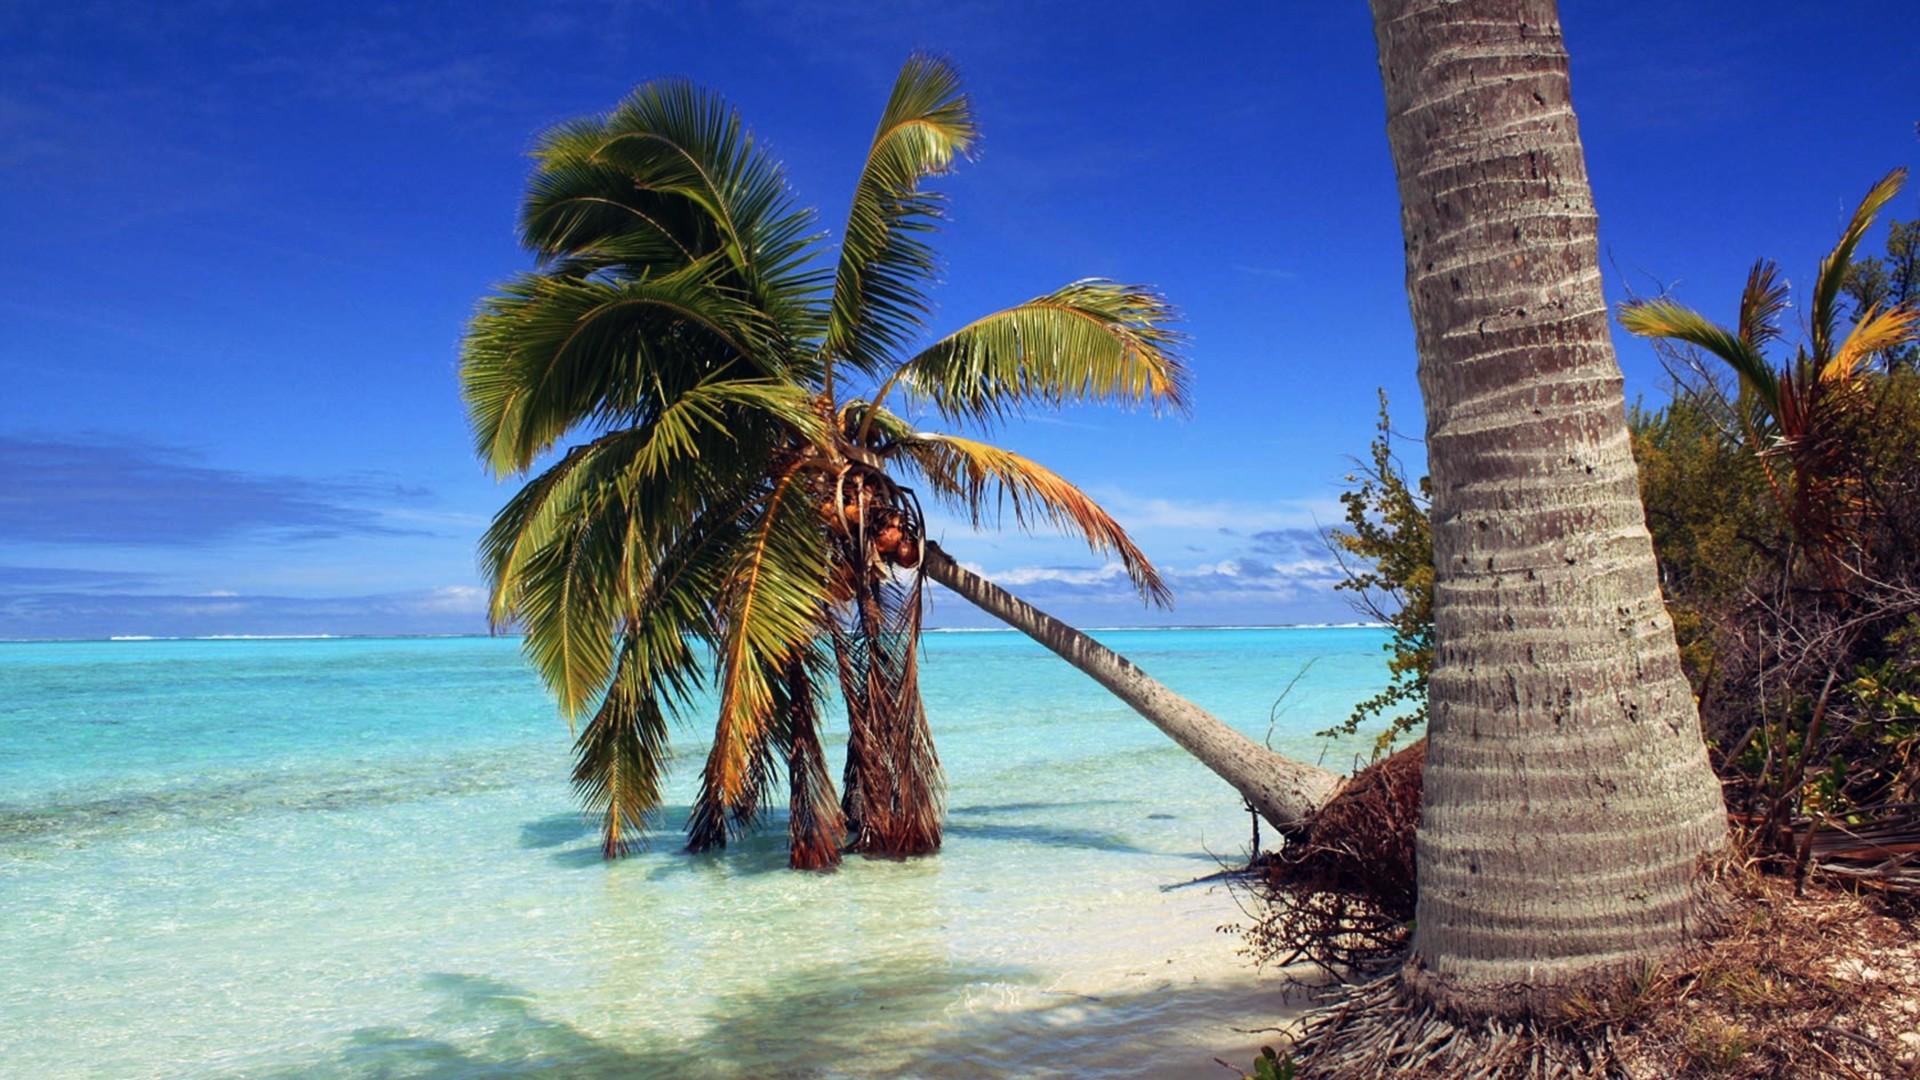 Paradisiac Tag wallpapers: Rarotonga Cook Islands Beautiful Clouds ...